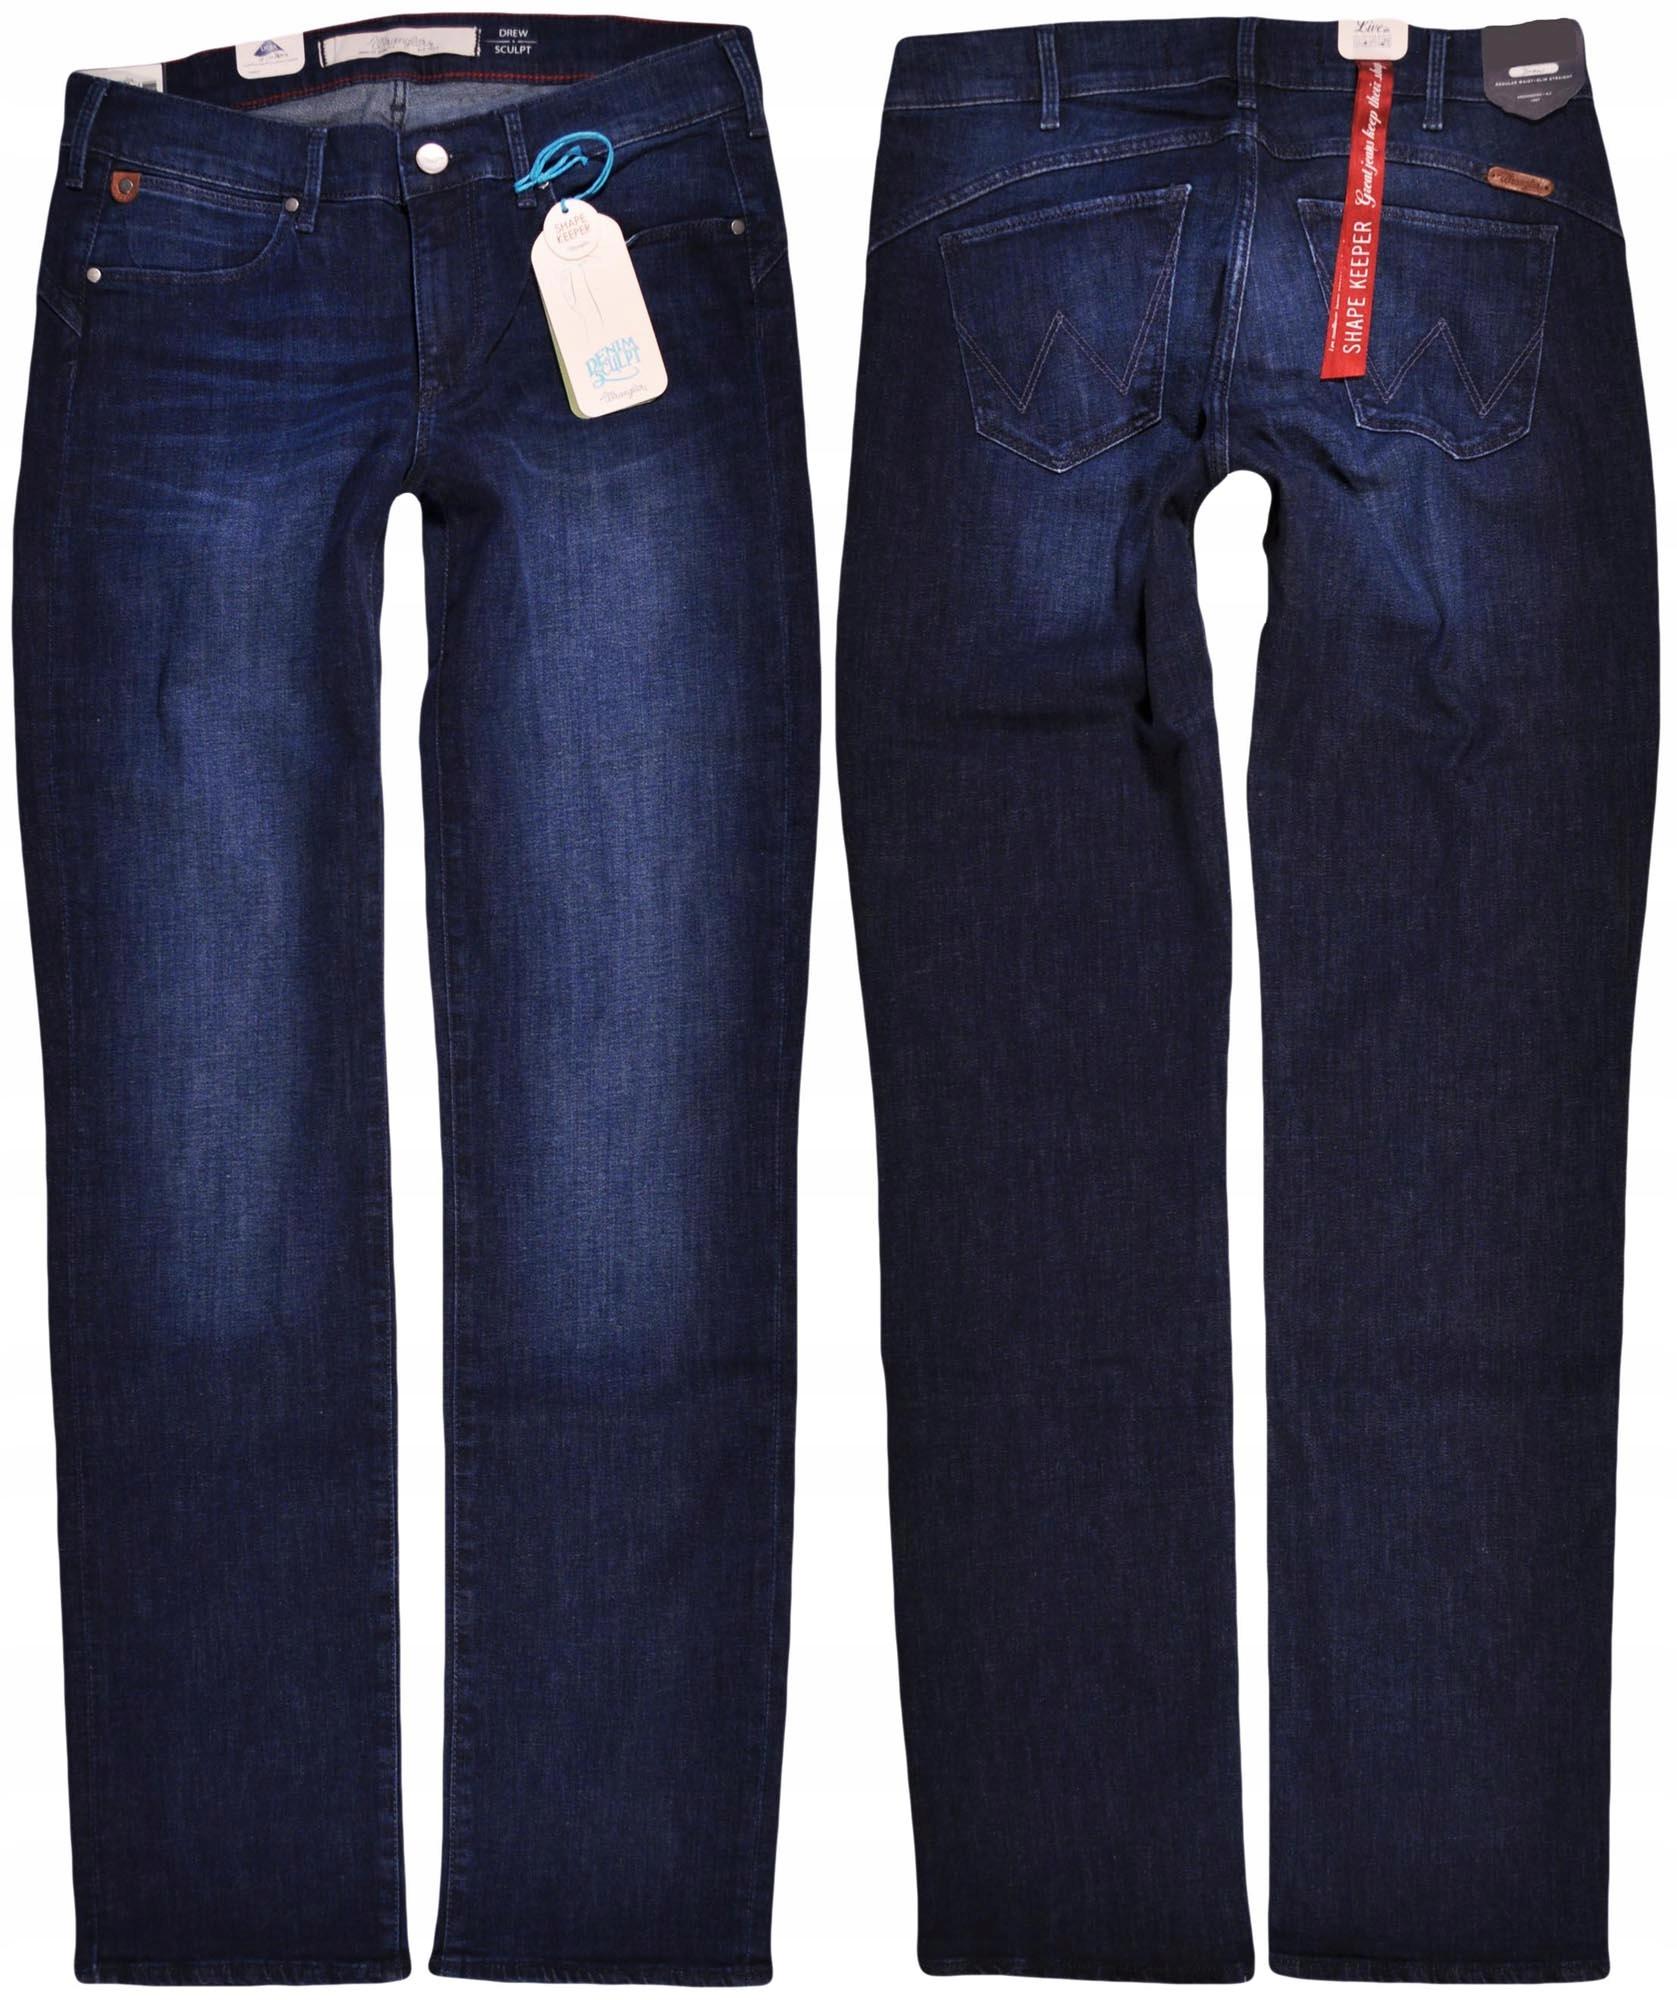 Wrangler spodnie Straight regular Drew _ W28 L32